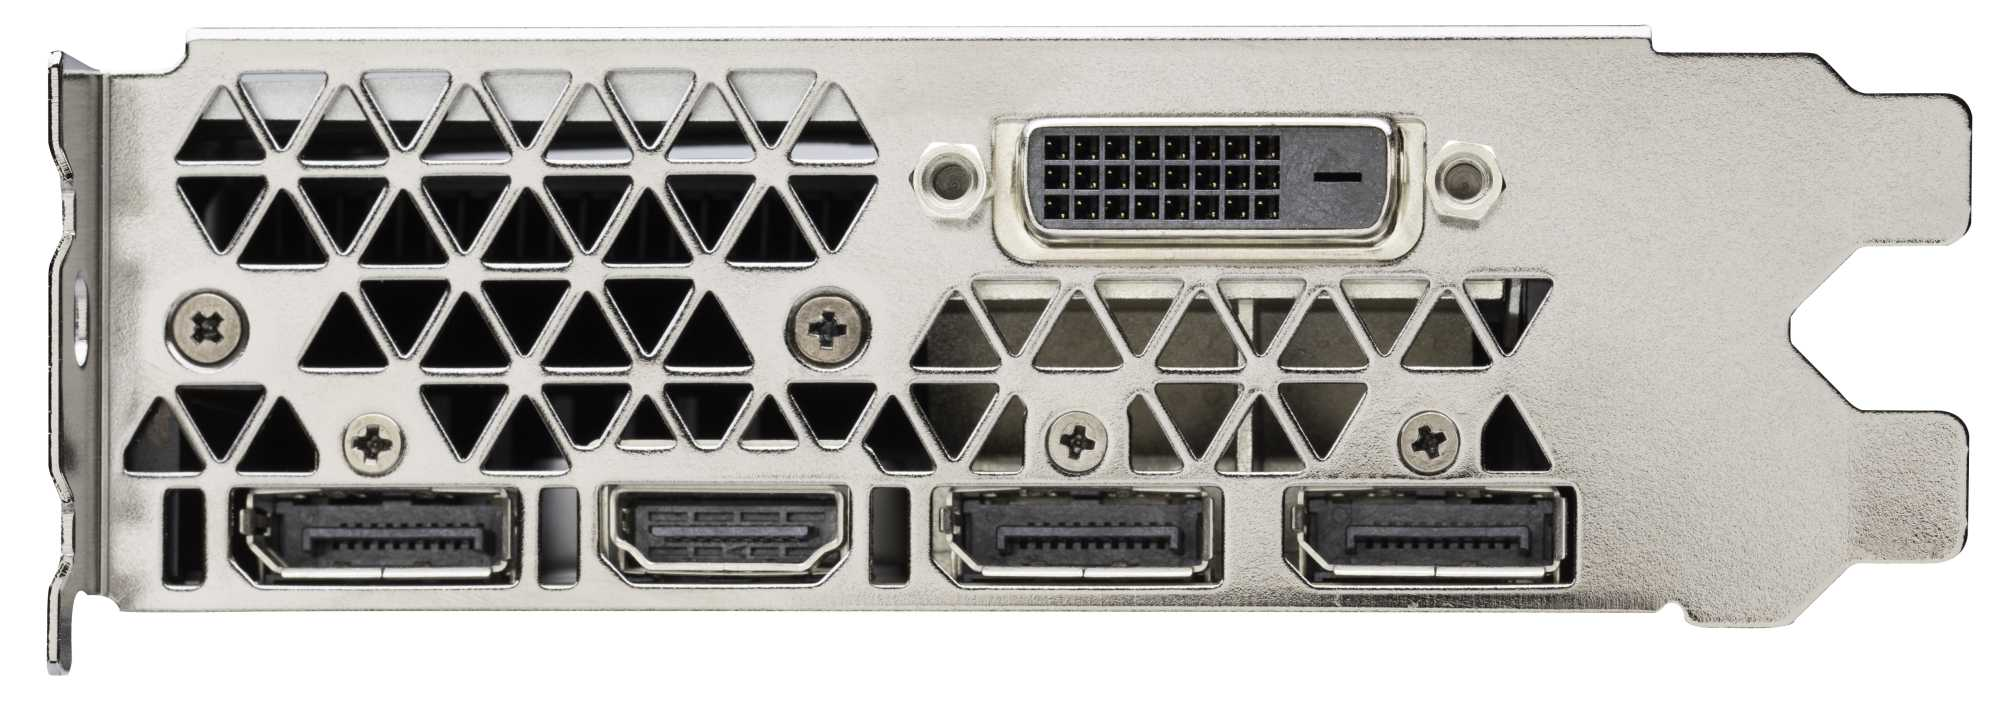 Die GeForce GTX 1060 bietet HDR-fähige Display-Anschlüsse. Via DisplayPort 1.4 kann sie sogar 5K-Displays mit 60 Hz und nur einem Kabel ansteuern.